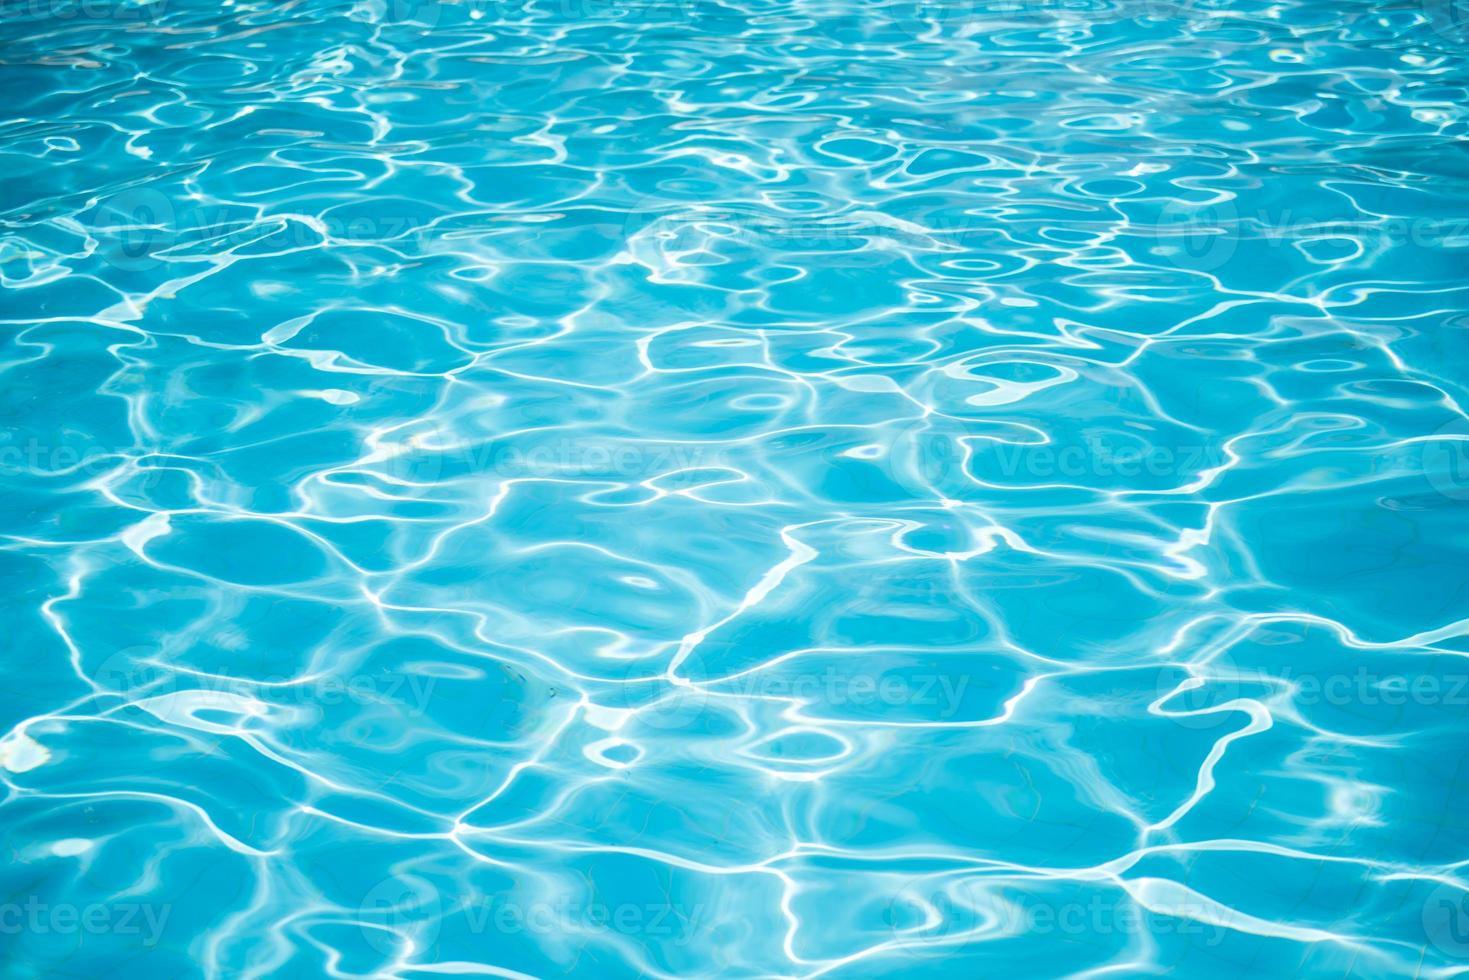 blauwe zwembad oppervlakte achtergrond foto